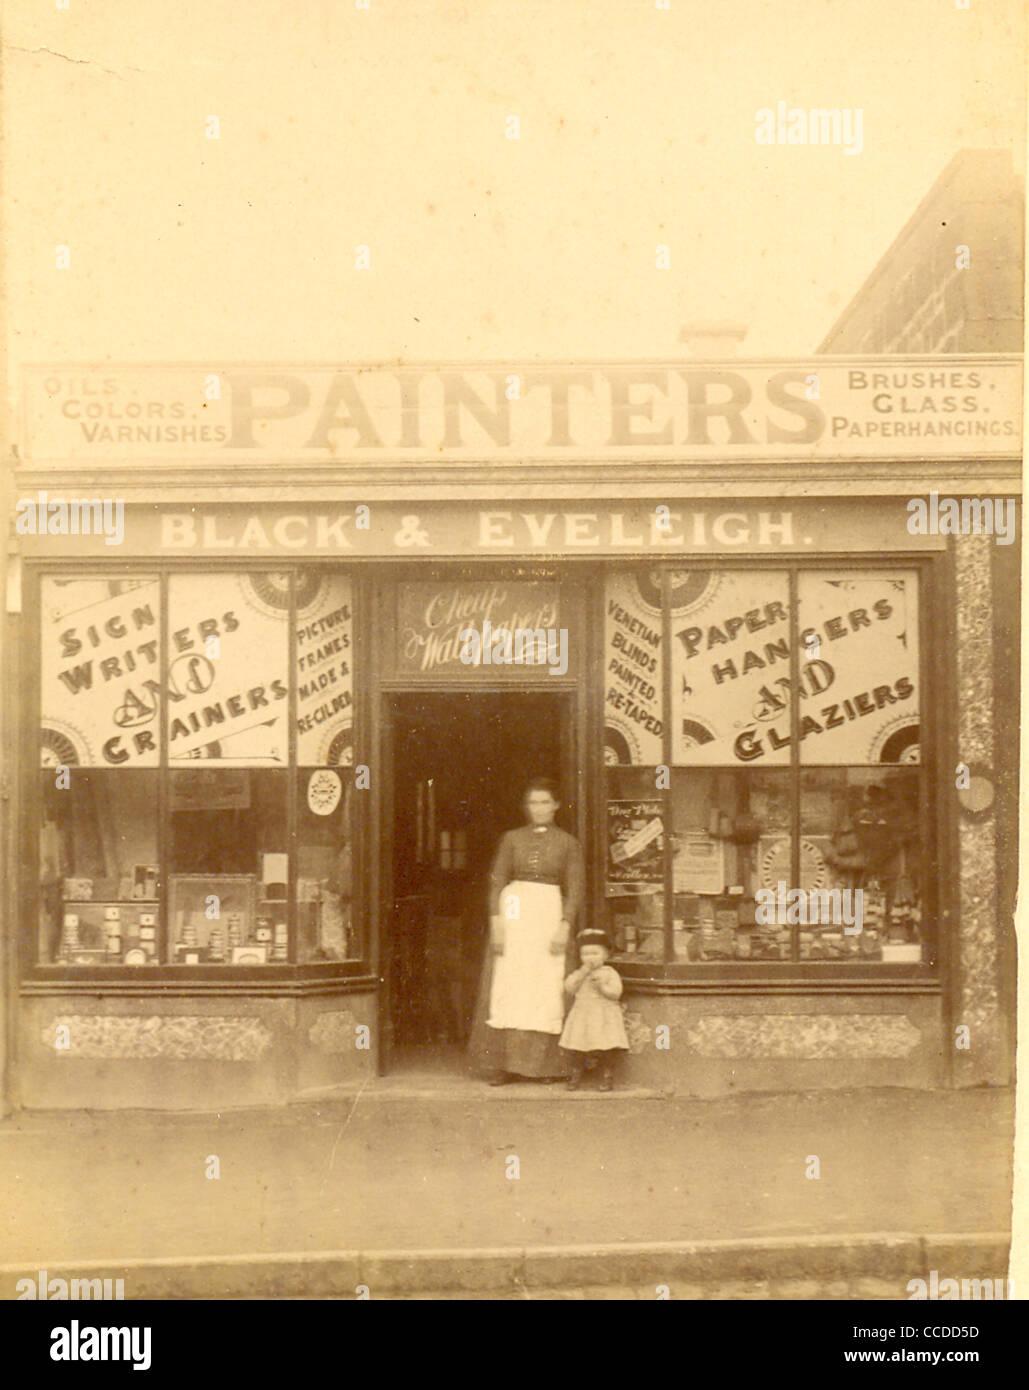 Armadio fotografia di firmare lo scrittore e pittori shop, nero & Eveleigh Foto Stock